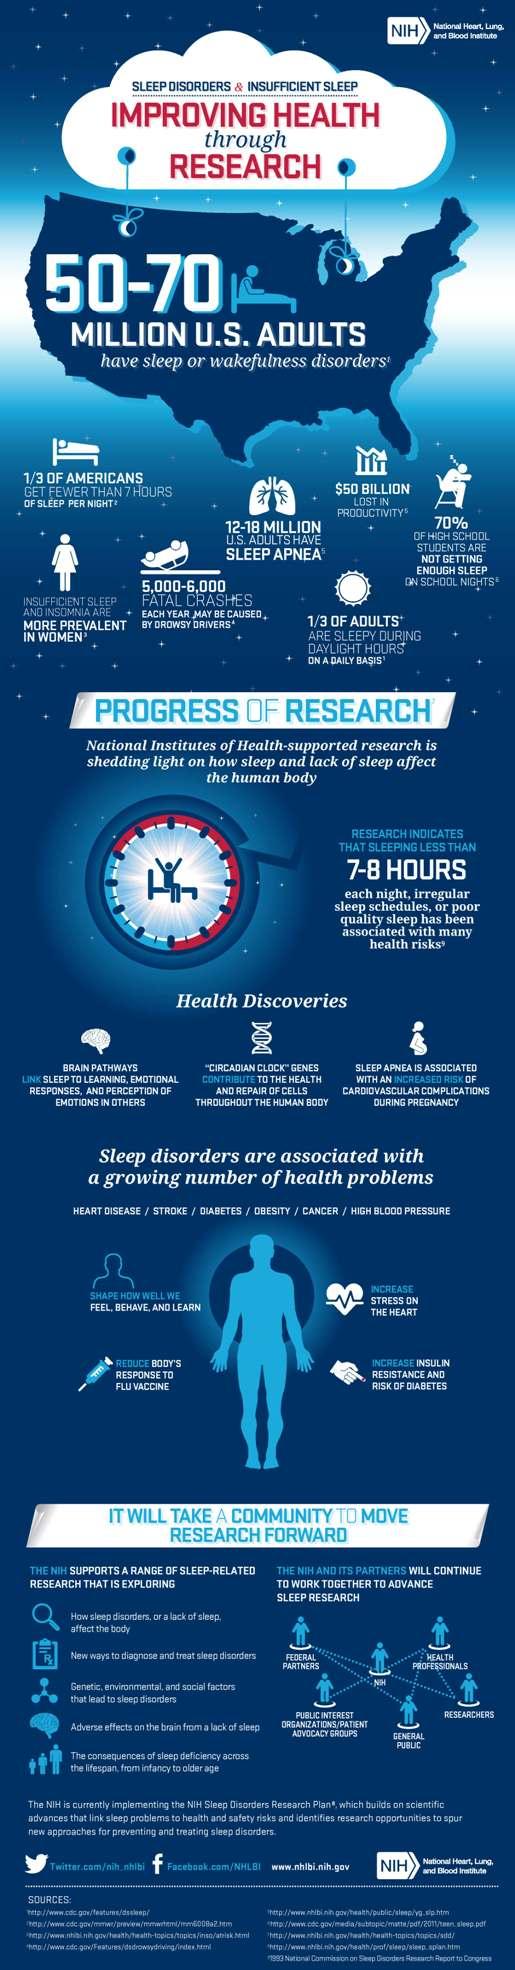 Source:  NHLBI.NIH.GOV